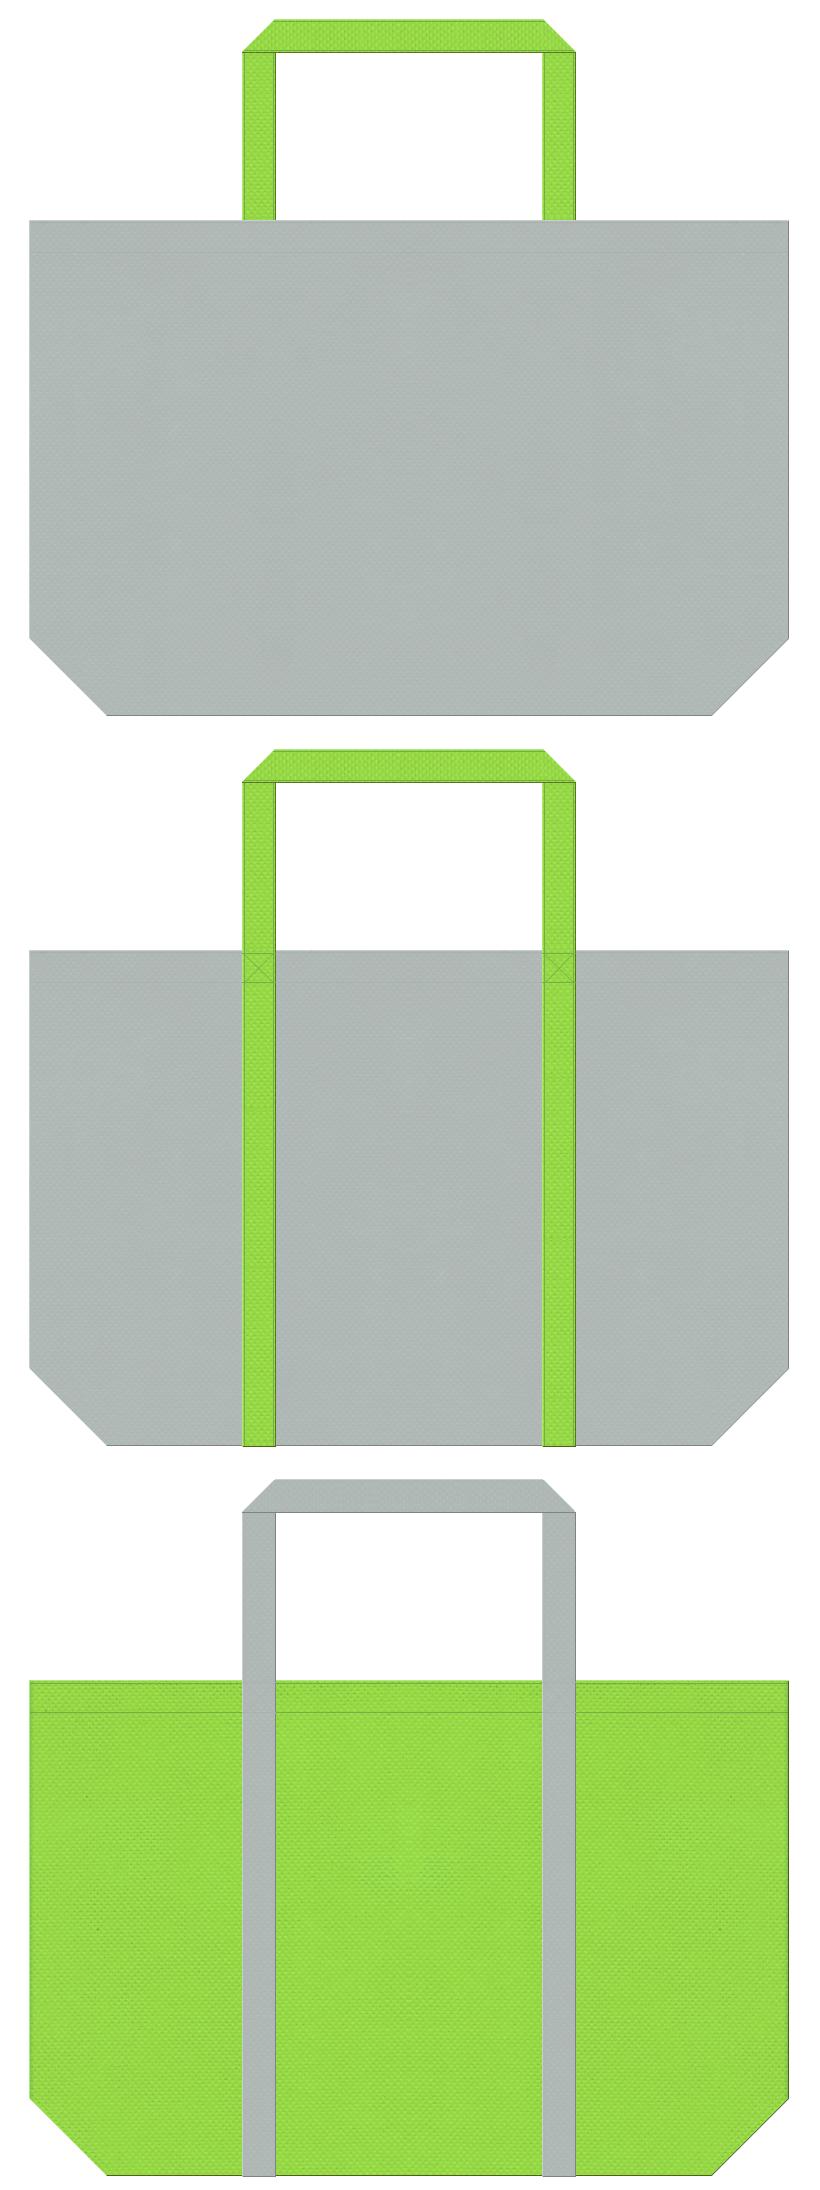 グレー色と黄緑色の不織布エコバッグのデザイン。屋上緑化・壁面緑化・ガーデニング用品の展示会用バッグにお奨めです。